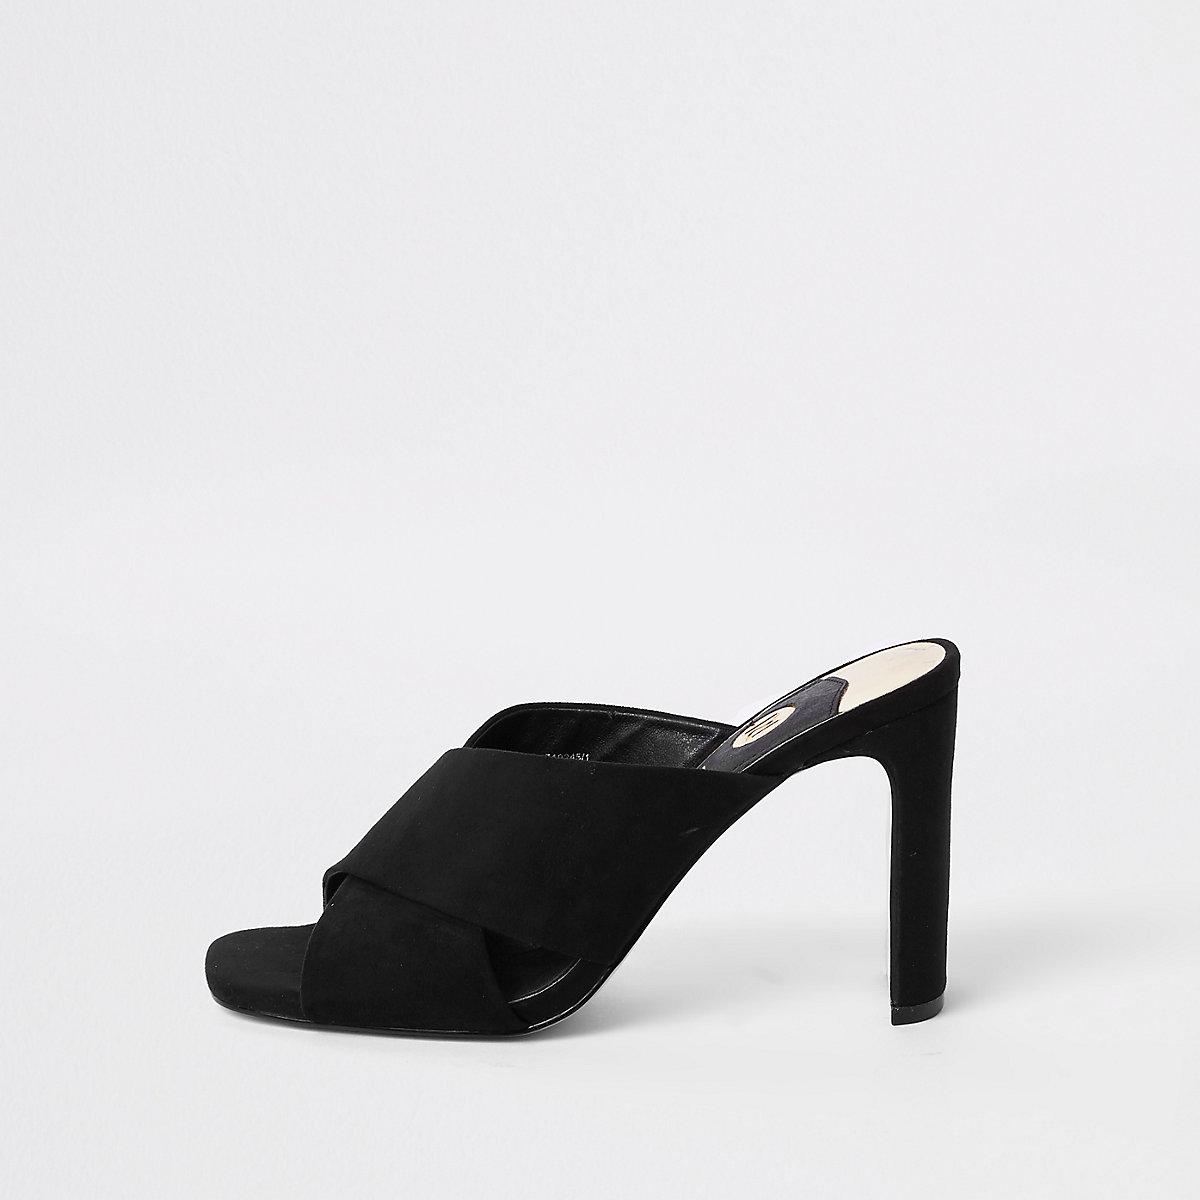 Schwarze Sandalen mit überkreuzten Riemen